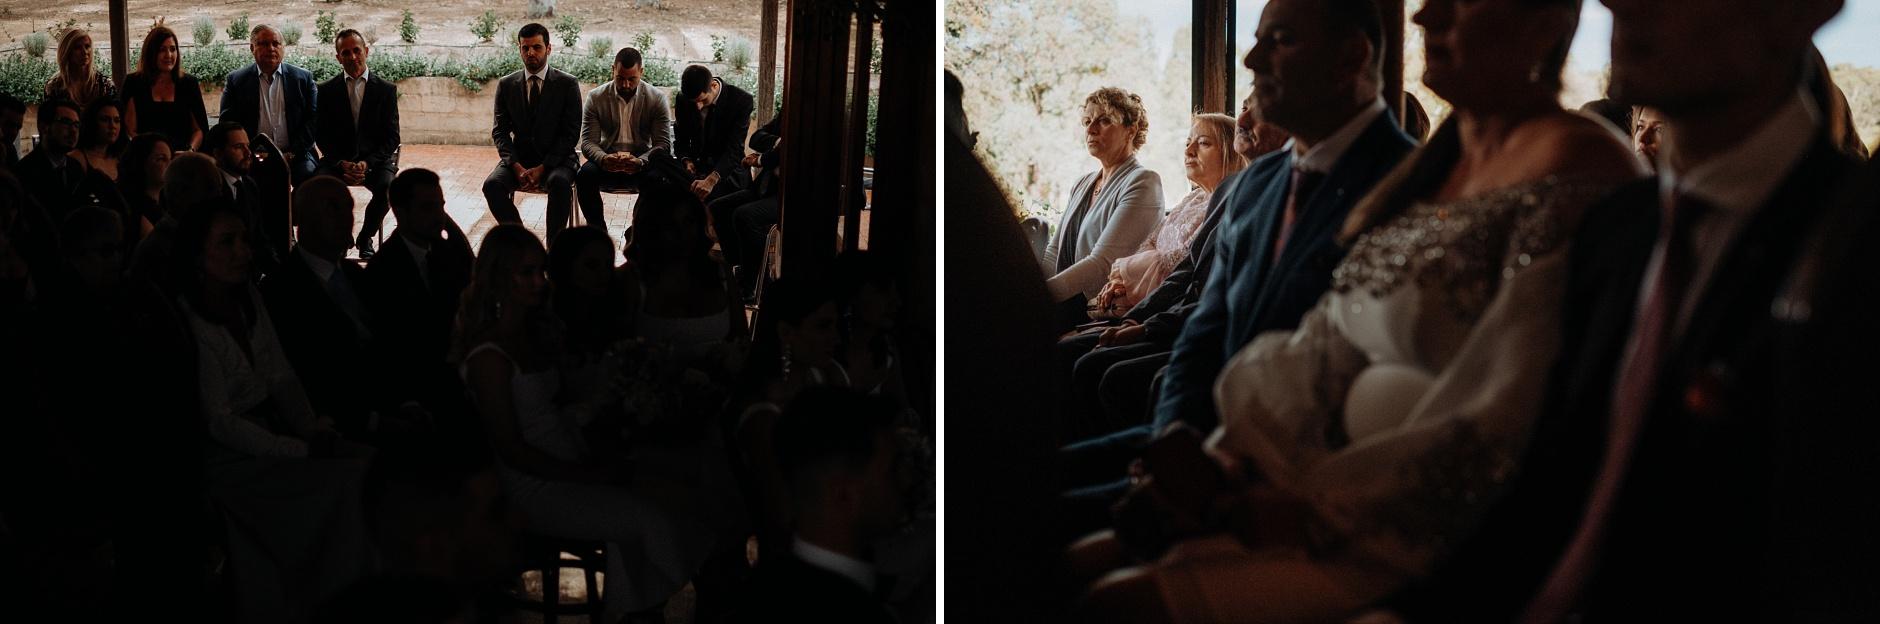 cassandra&cameron0422a_Peppers-Creek-Wedding.jpg